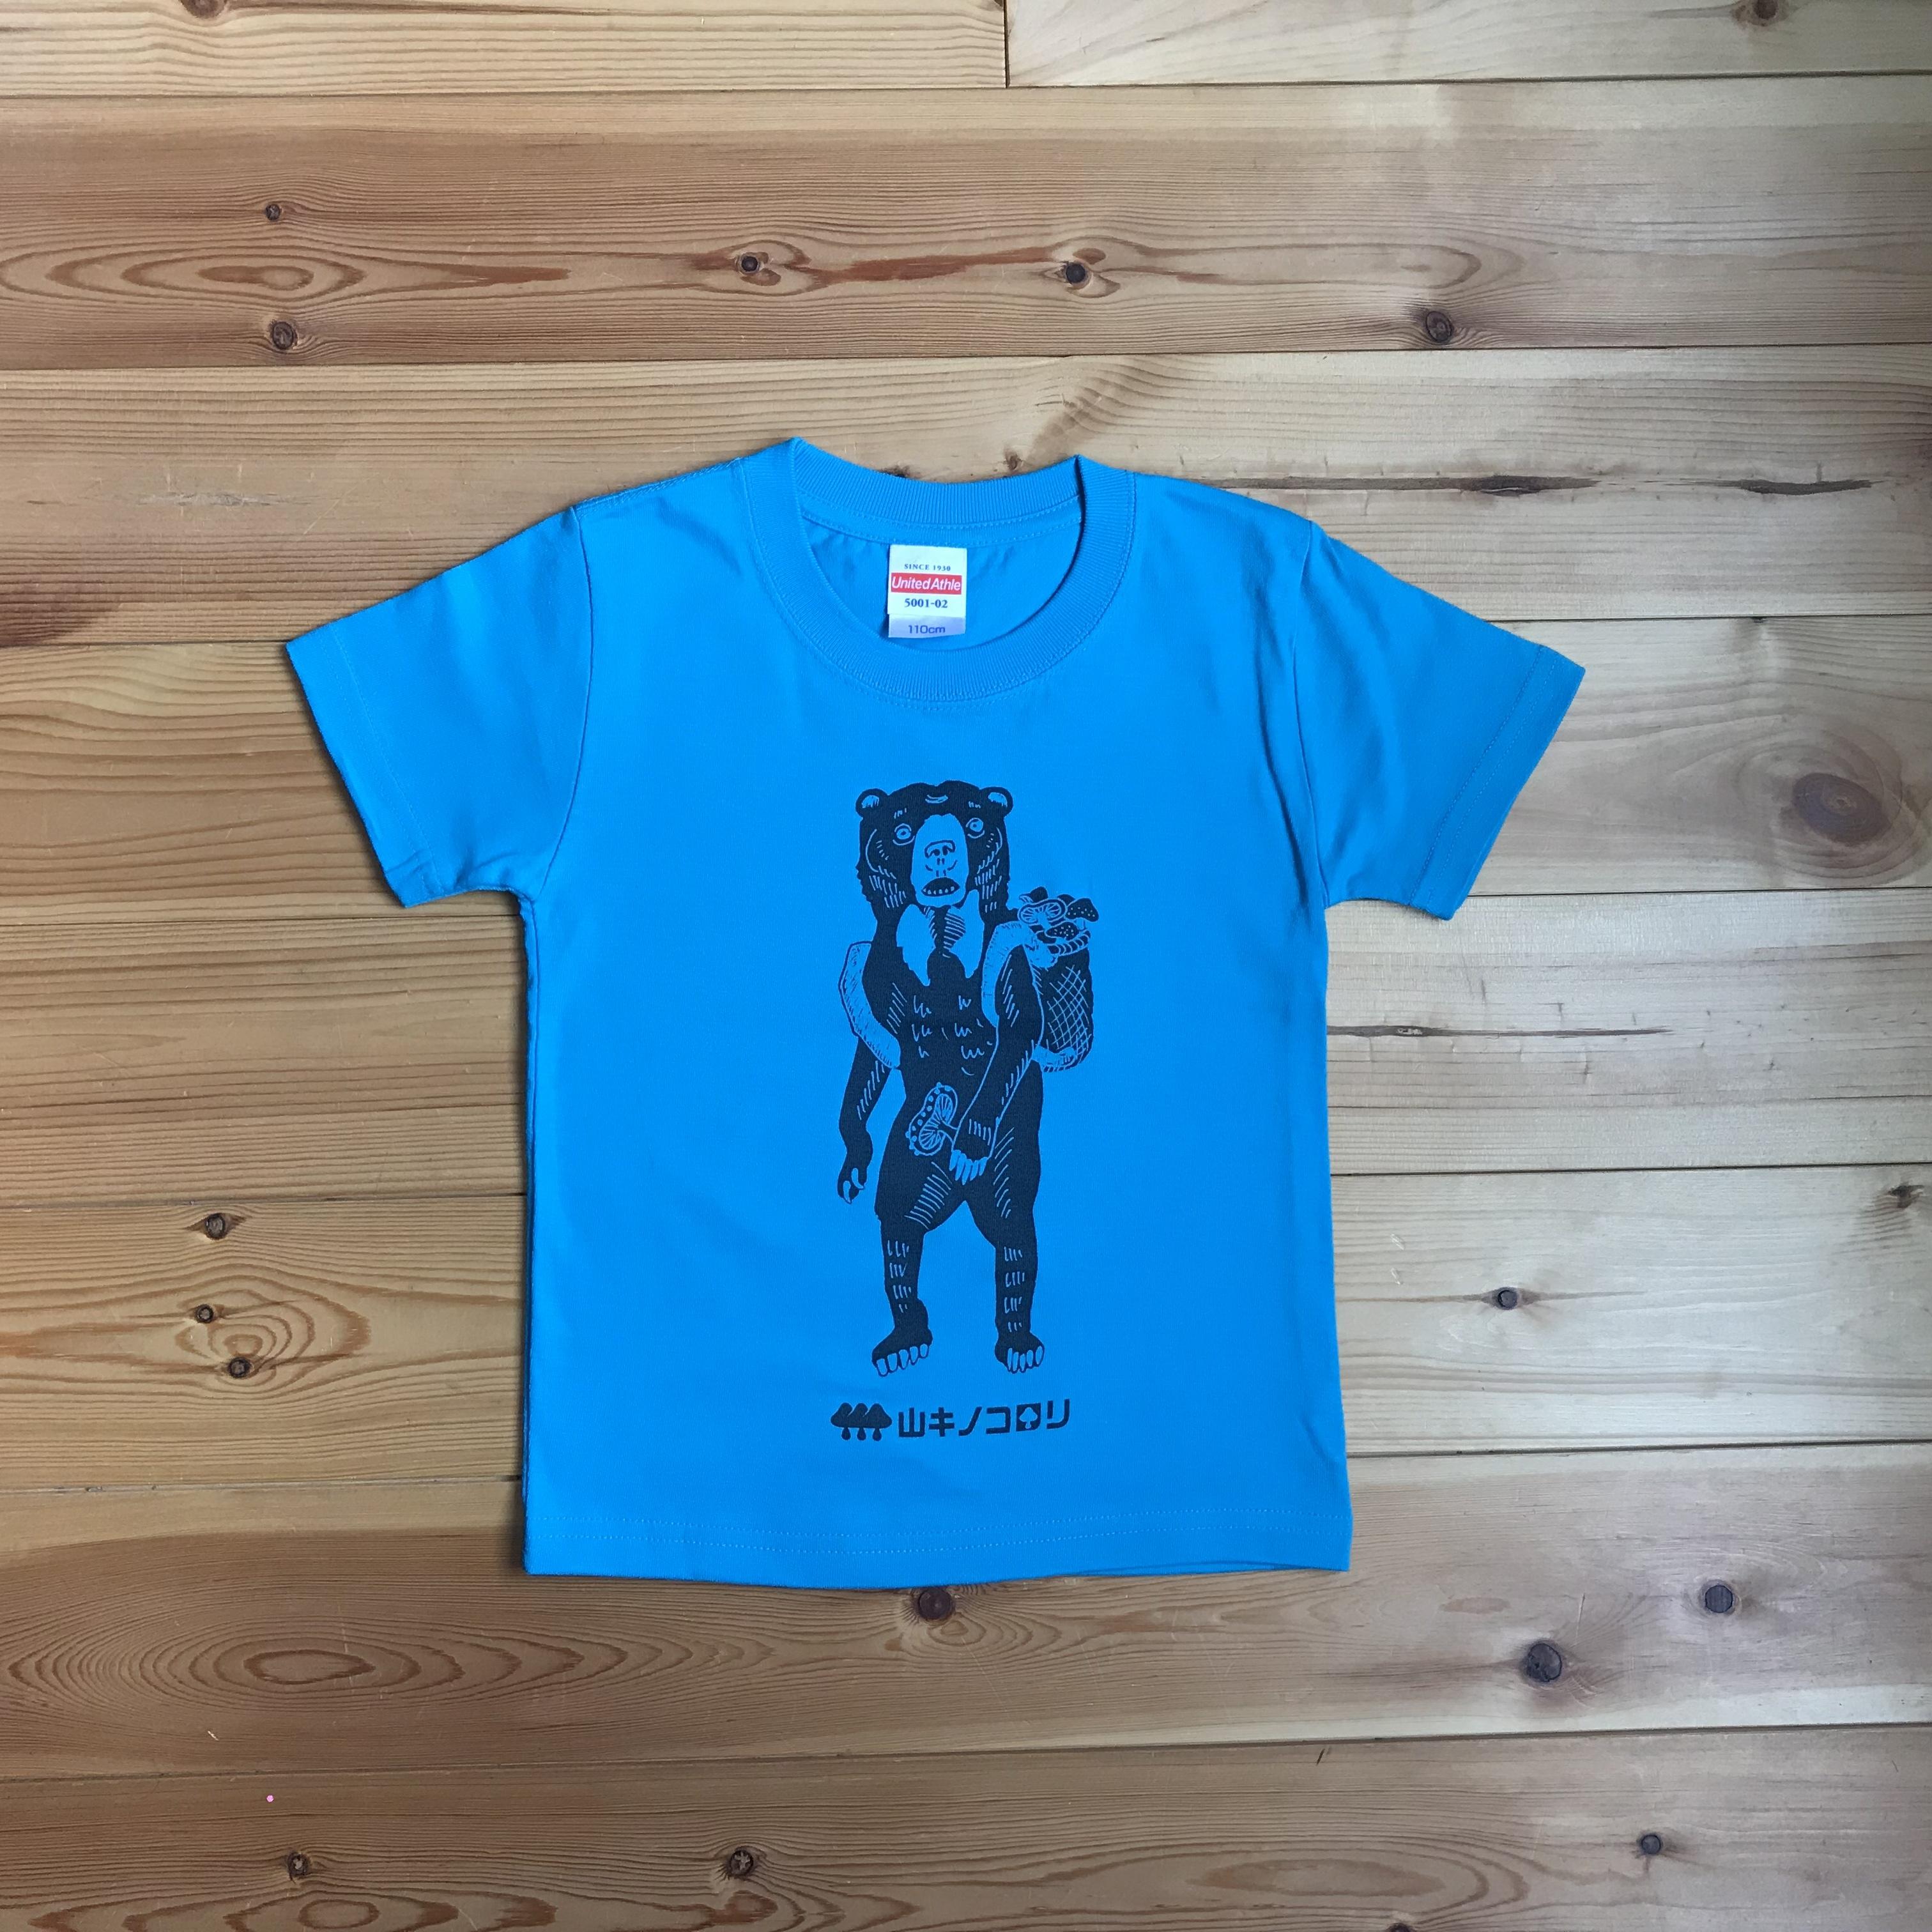 【Tシャツ(こどもサイズ)】キノコ狩りをするマレーグマ(ターコイズブルー×ネイビー)